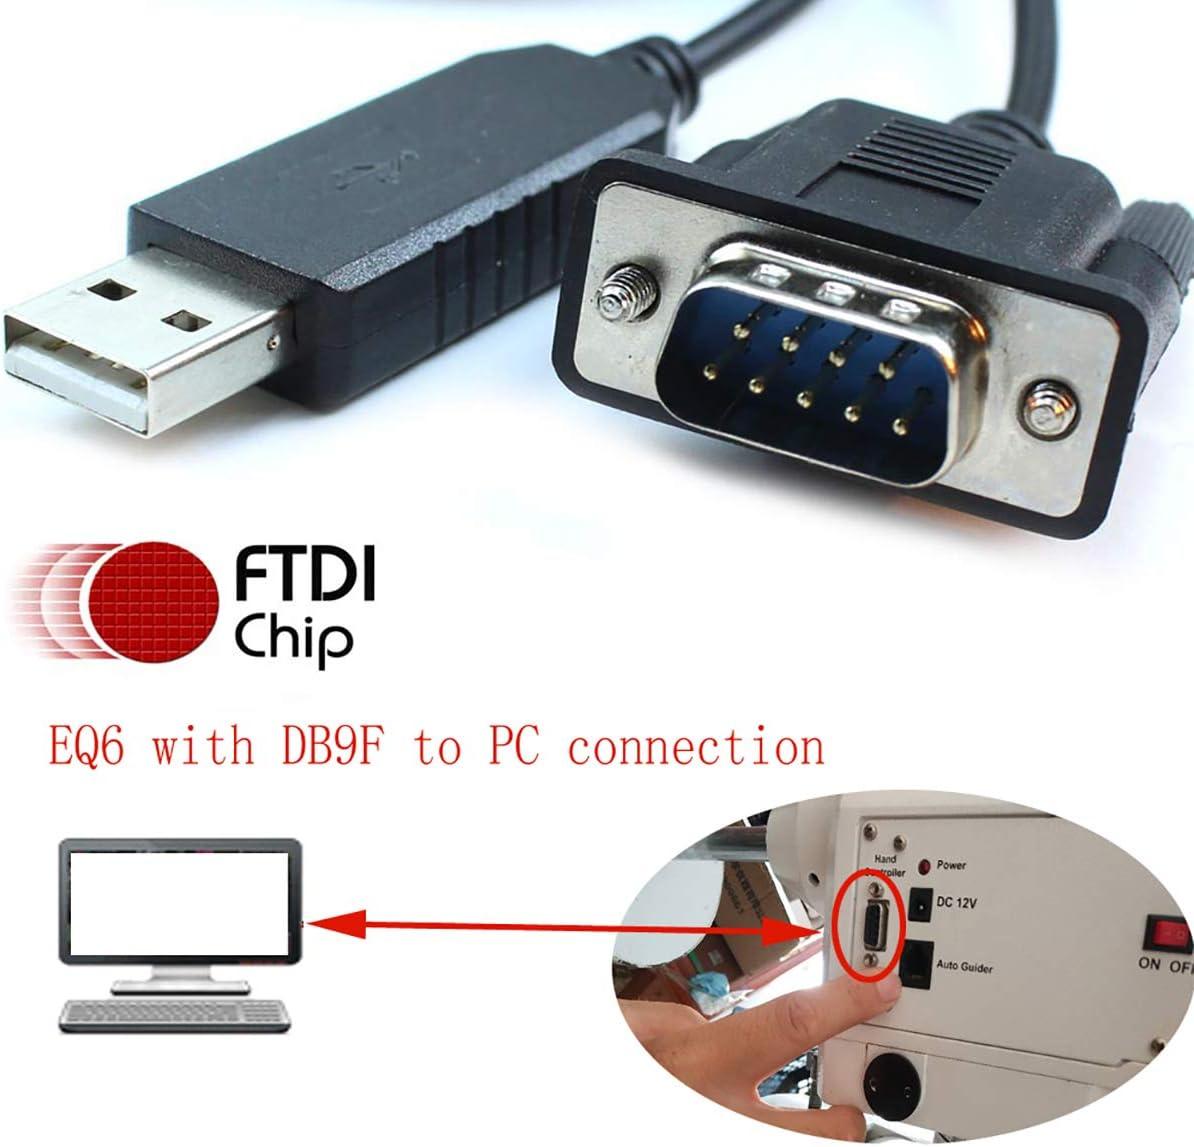 Skywatcher C/âble t/élescopique Goto Control EQMOD ASCOM pour c/âble s/érie FTDI HEQ5pro AZEQ5 AZEQ6 EQ6-R Asiair Synscan Goto sur PC ou Commande Manuelle 500cm//16ft C/âble PC vers Support Gris